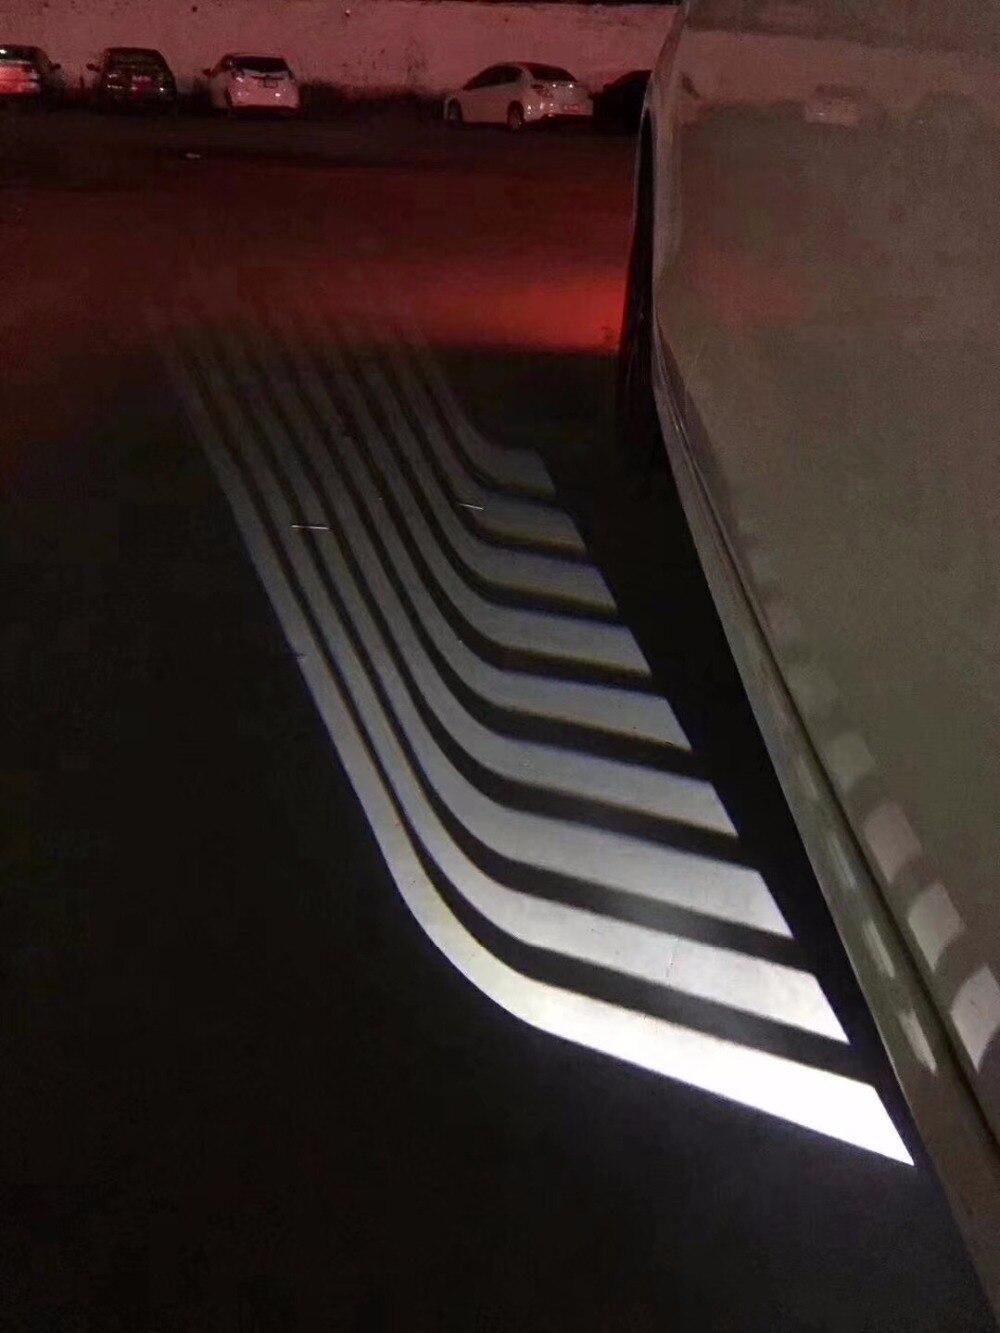 Qirun led приветствие Атмосфера декоративные дневные огни тормозной противотуманный фонарь заднего хода сигнал поворота для Alfa Romeo 166 4C 8C Brera